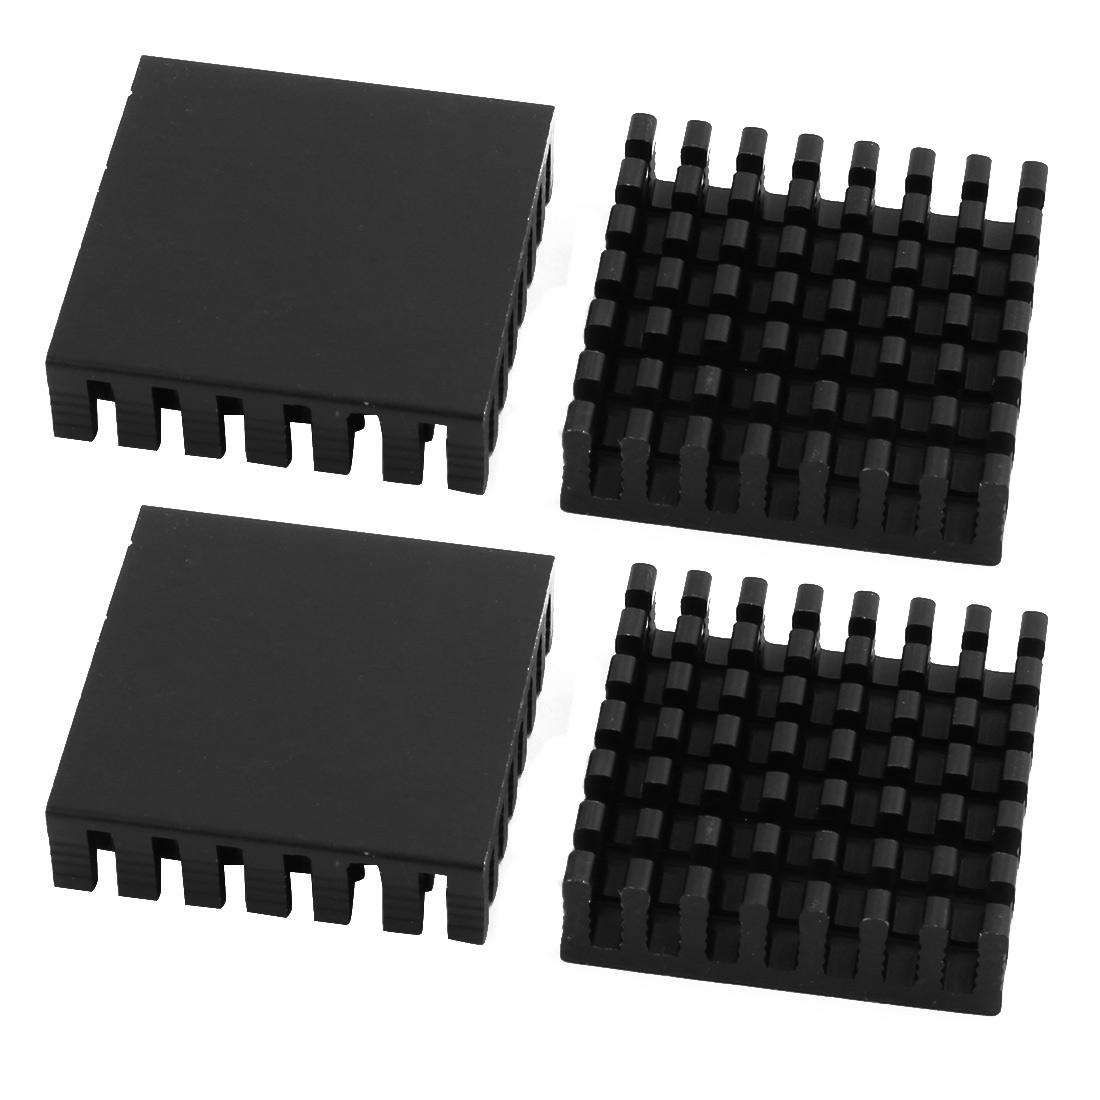 4Pcs 28mmx28mmx8mm Aluminum Heatsink Heat Diffuse Cooling Fin Black